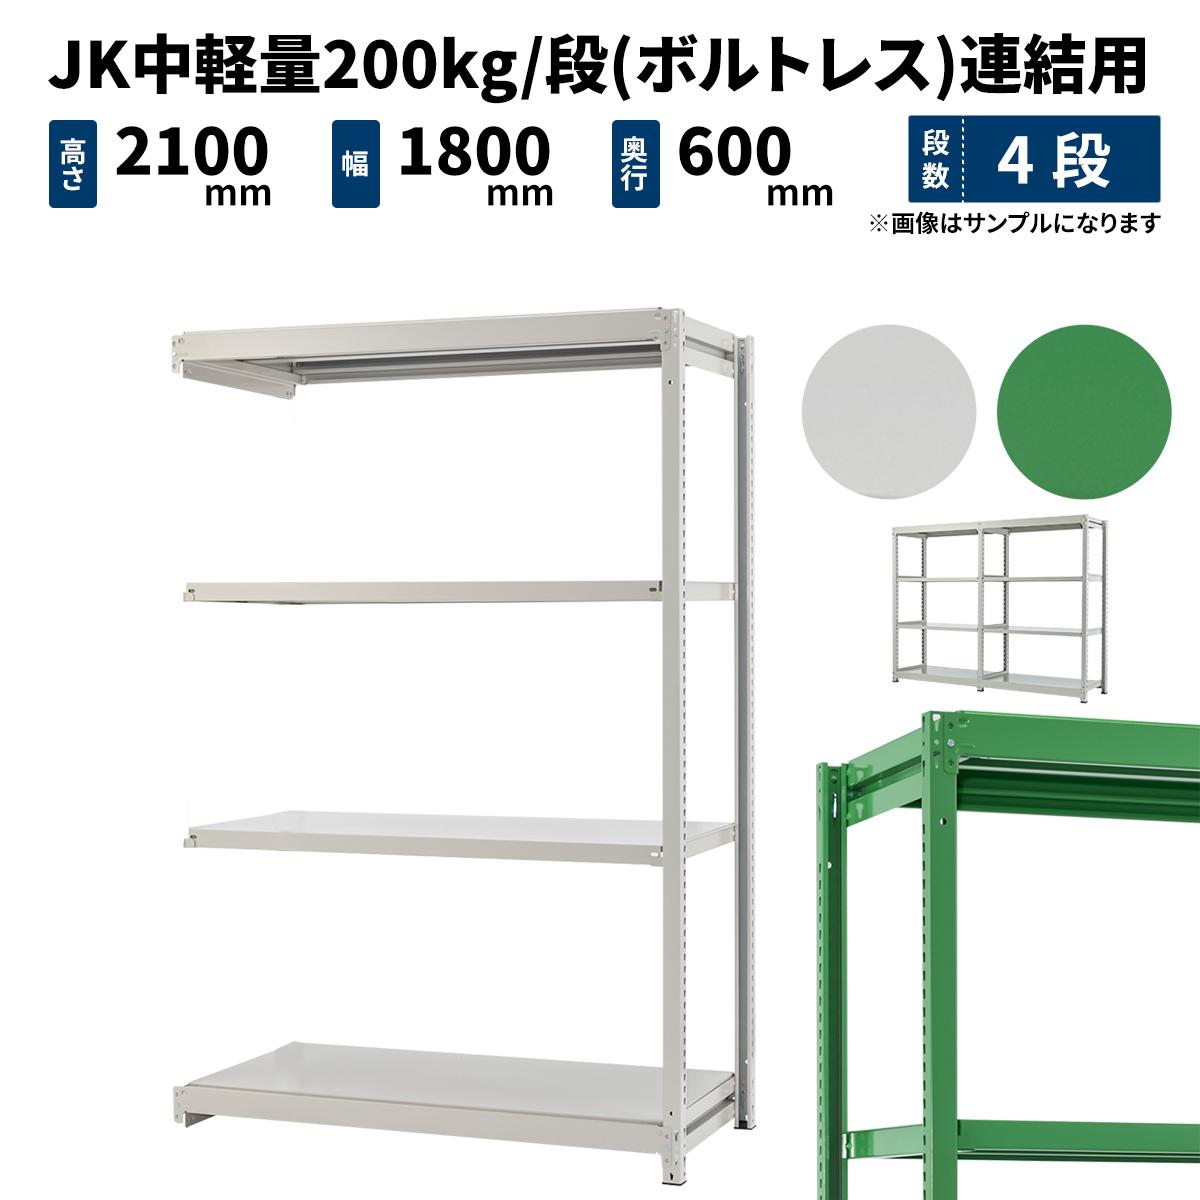 スチールラック 業務用 JK中軽量200kg/段(ボルトレス) 連結形式 高さ2100×幅1800×奥行600mm 4段 ホワイトグレー/グリーン (58kg) JK200_R-211806-4